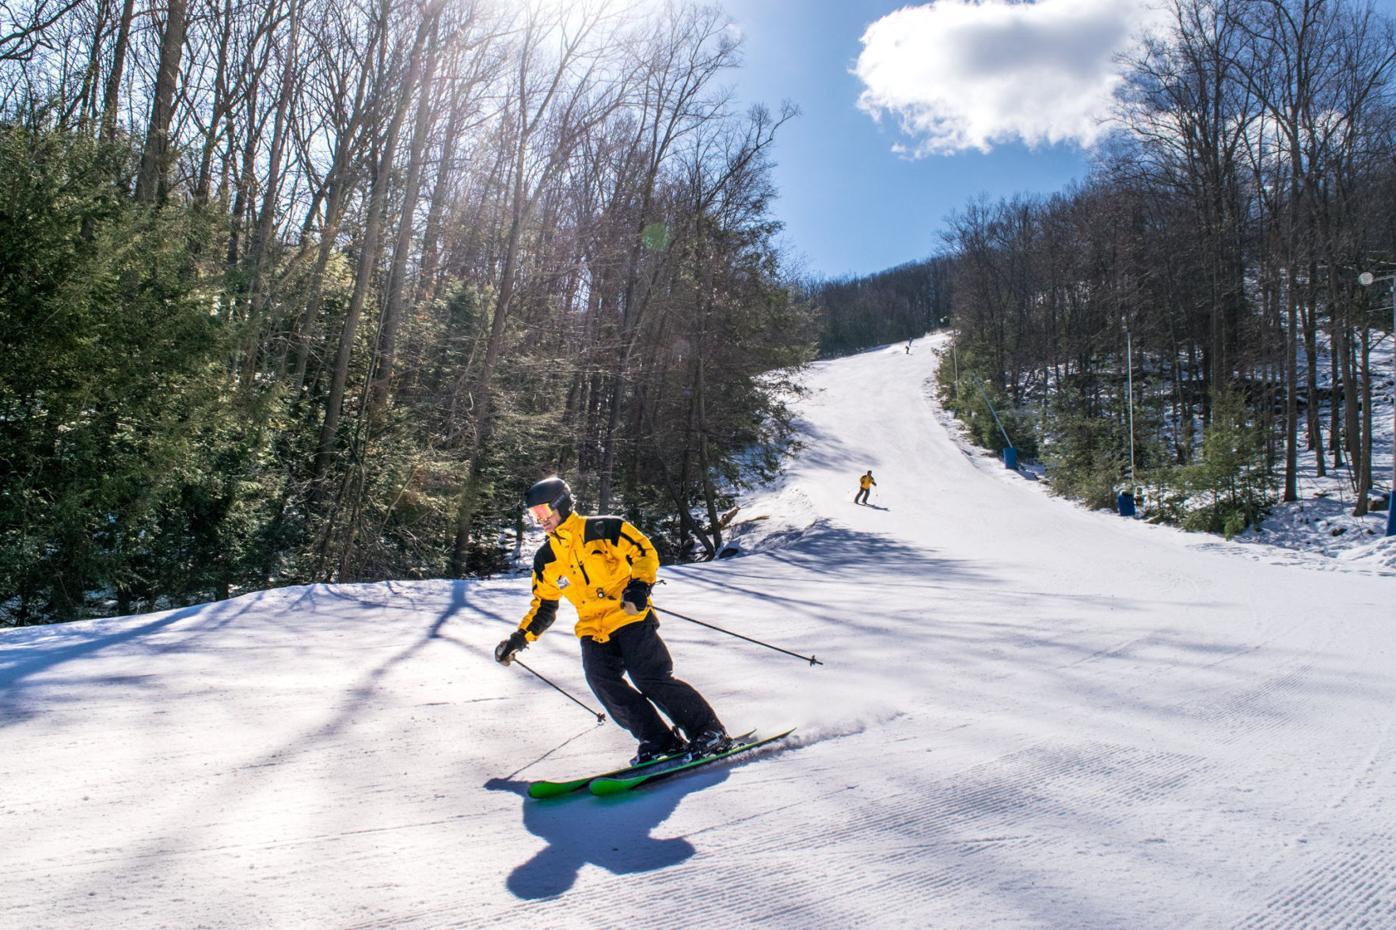 Enjoy safe winter fun at local ski resorts